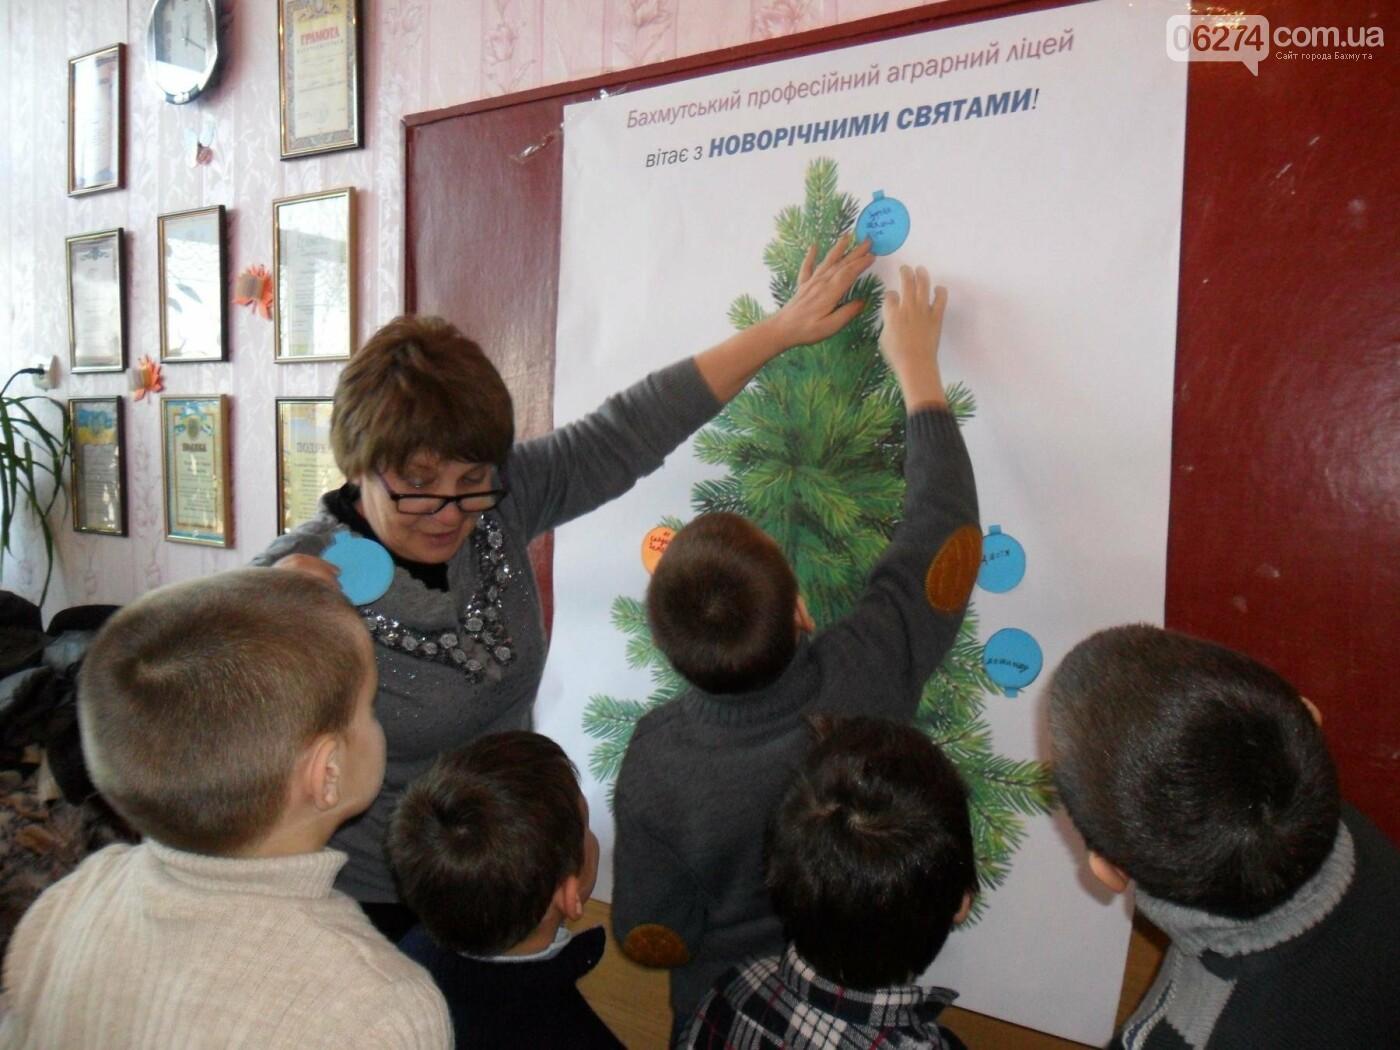 «Праздничный экспресс» побывал в гостях у школьников Бахмутского района, фото-8